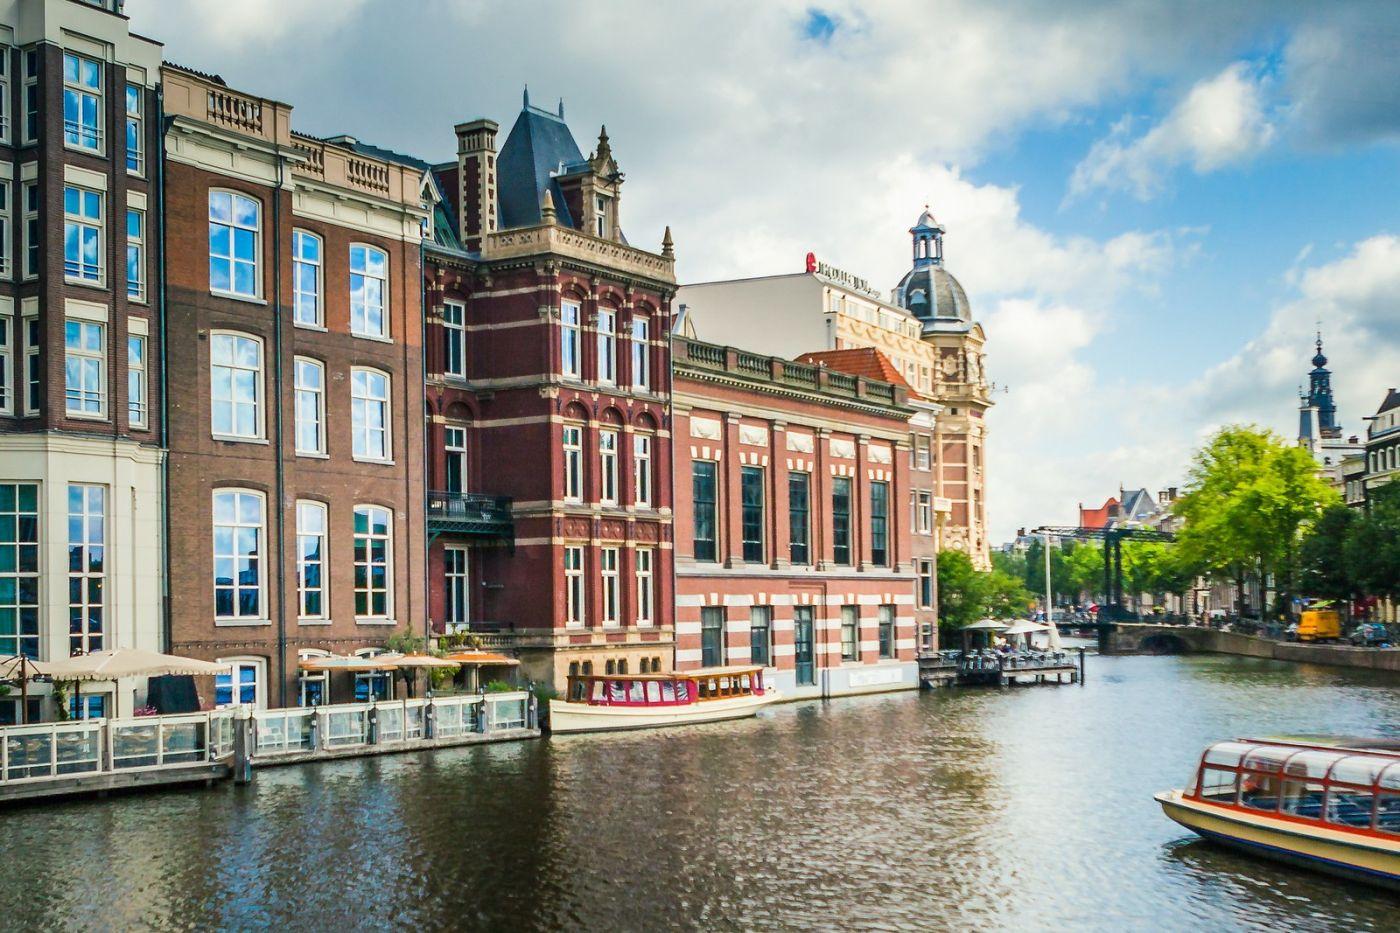 荷兰阿姆斯特丹,穿梭的自行车_图1-36